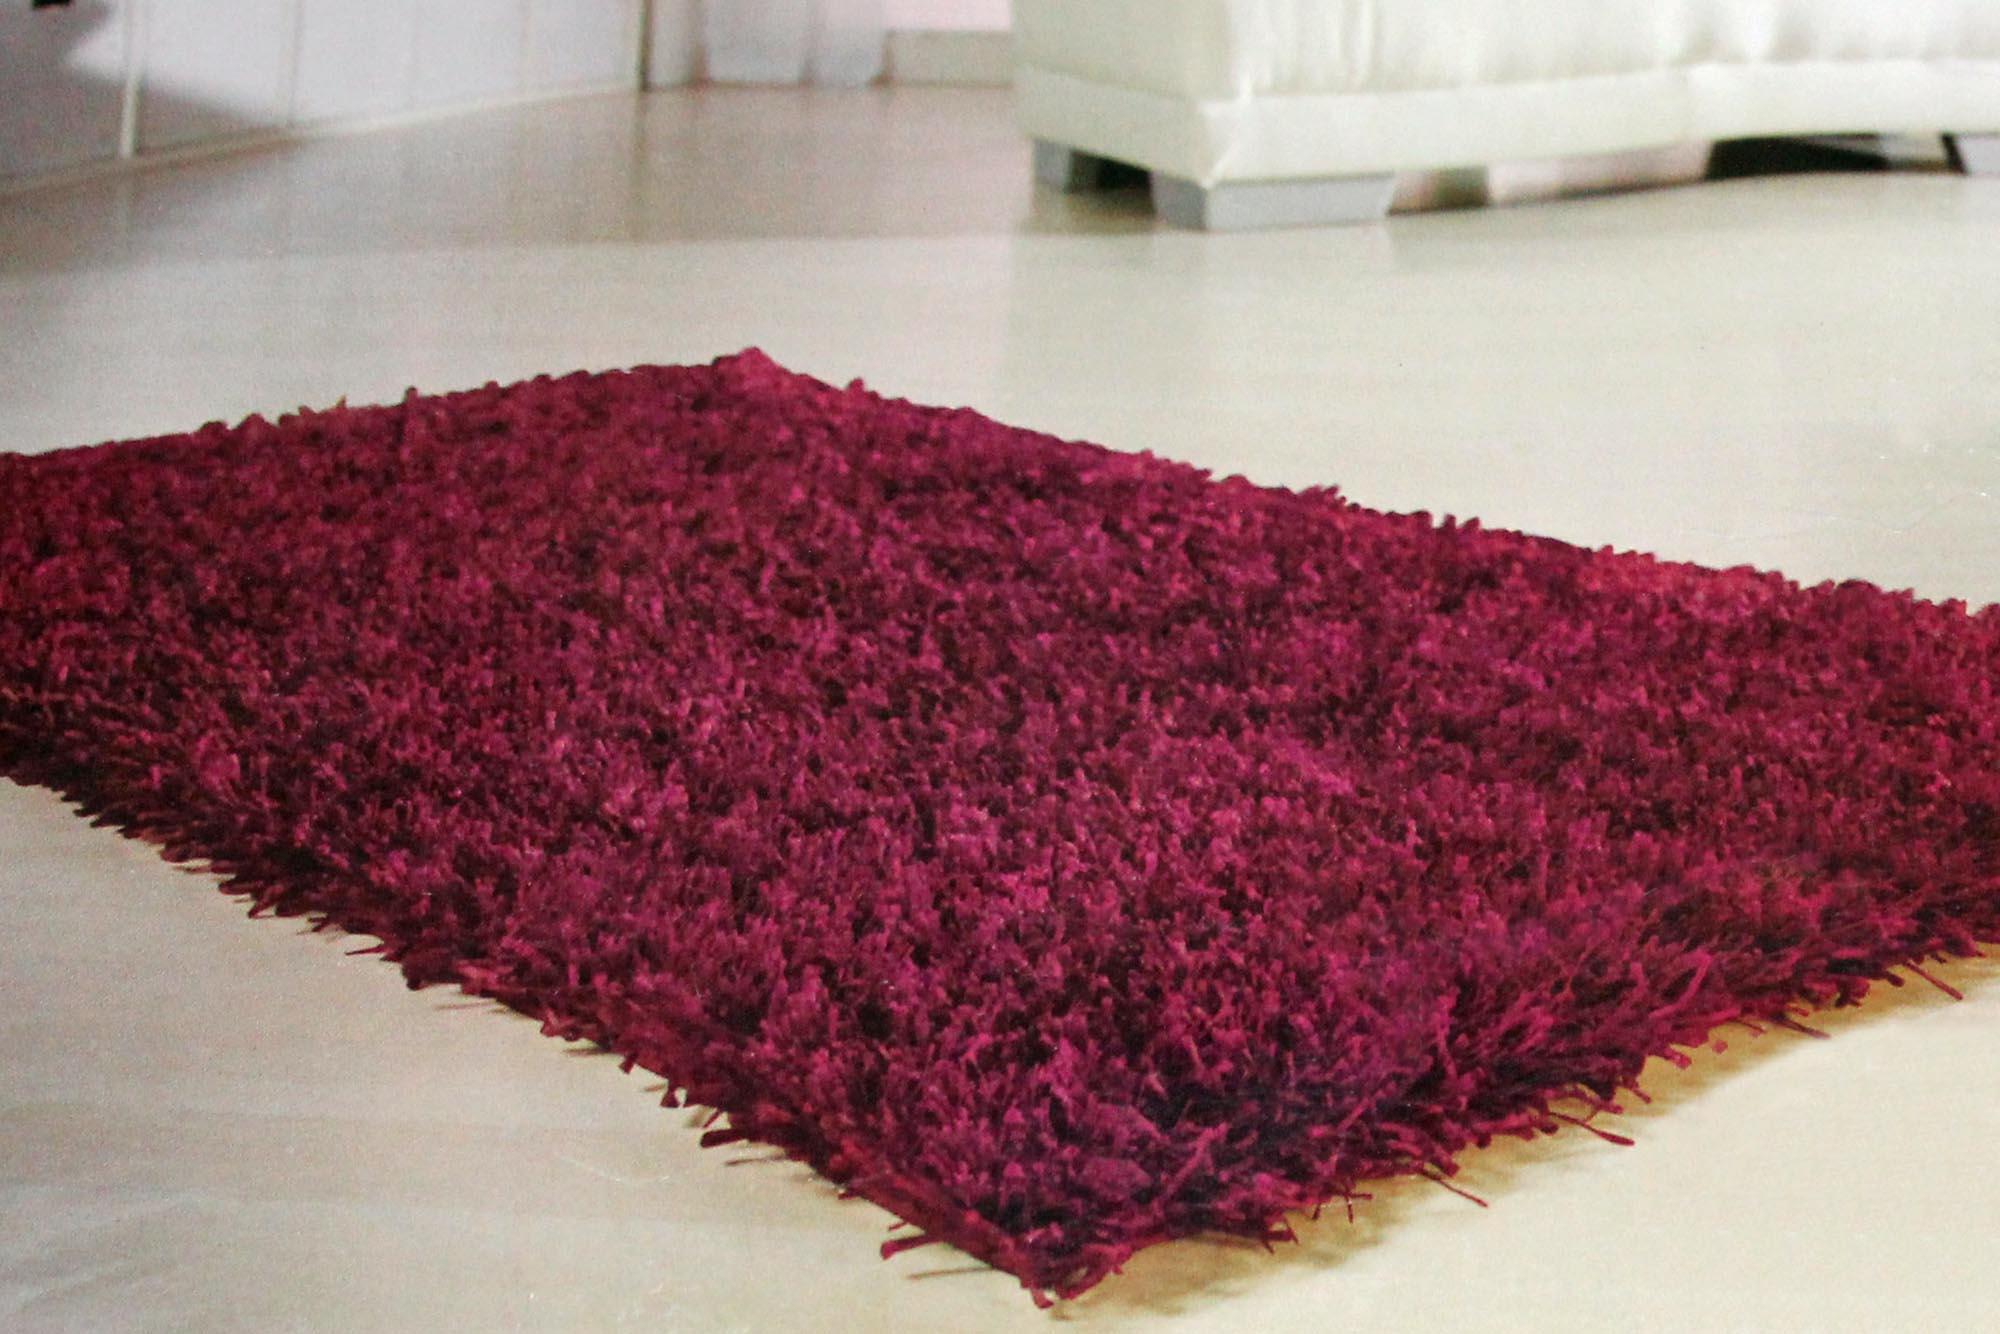 teppich shaggy flieder langflorteppich hochflorteppich l ufer 70 x 120 cm. Black Bedroom Furniture Sets. Home Design Ideas